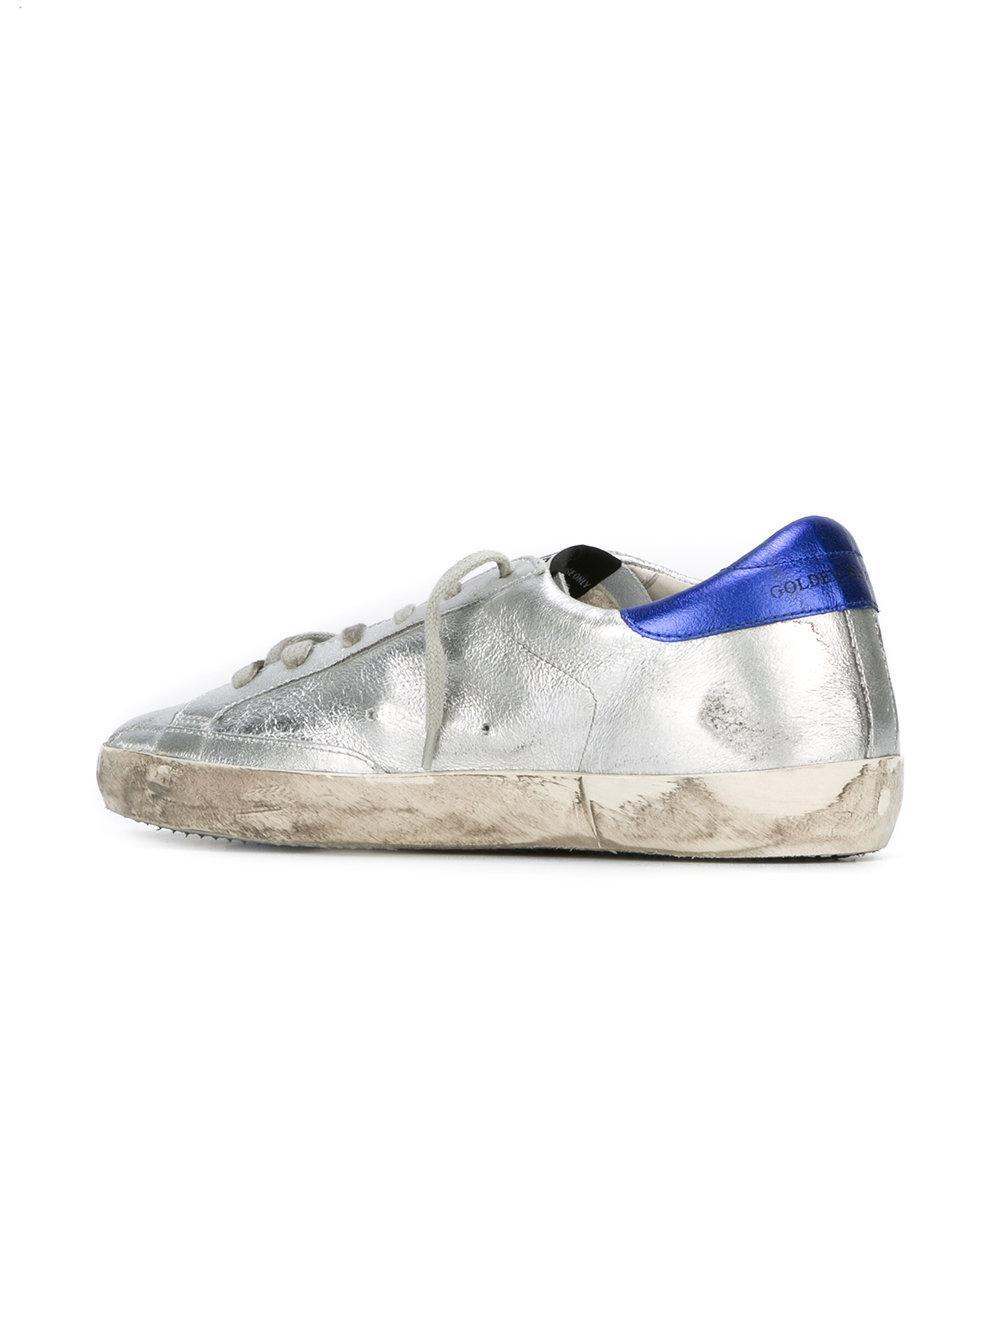 Golden Goose Deluxe Brand Leather Super Star Sneakers in Metallic (Brown)